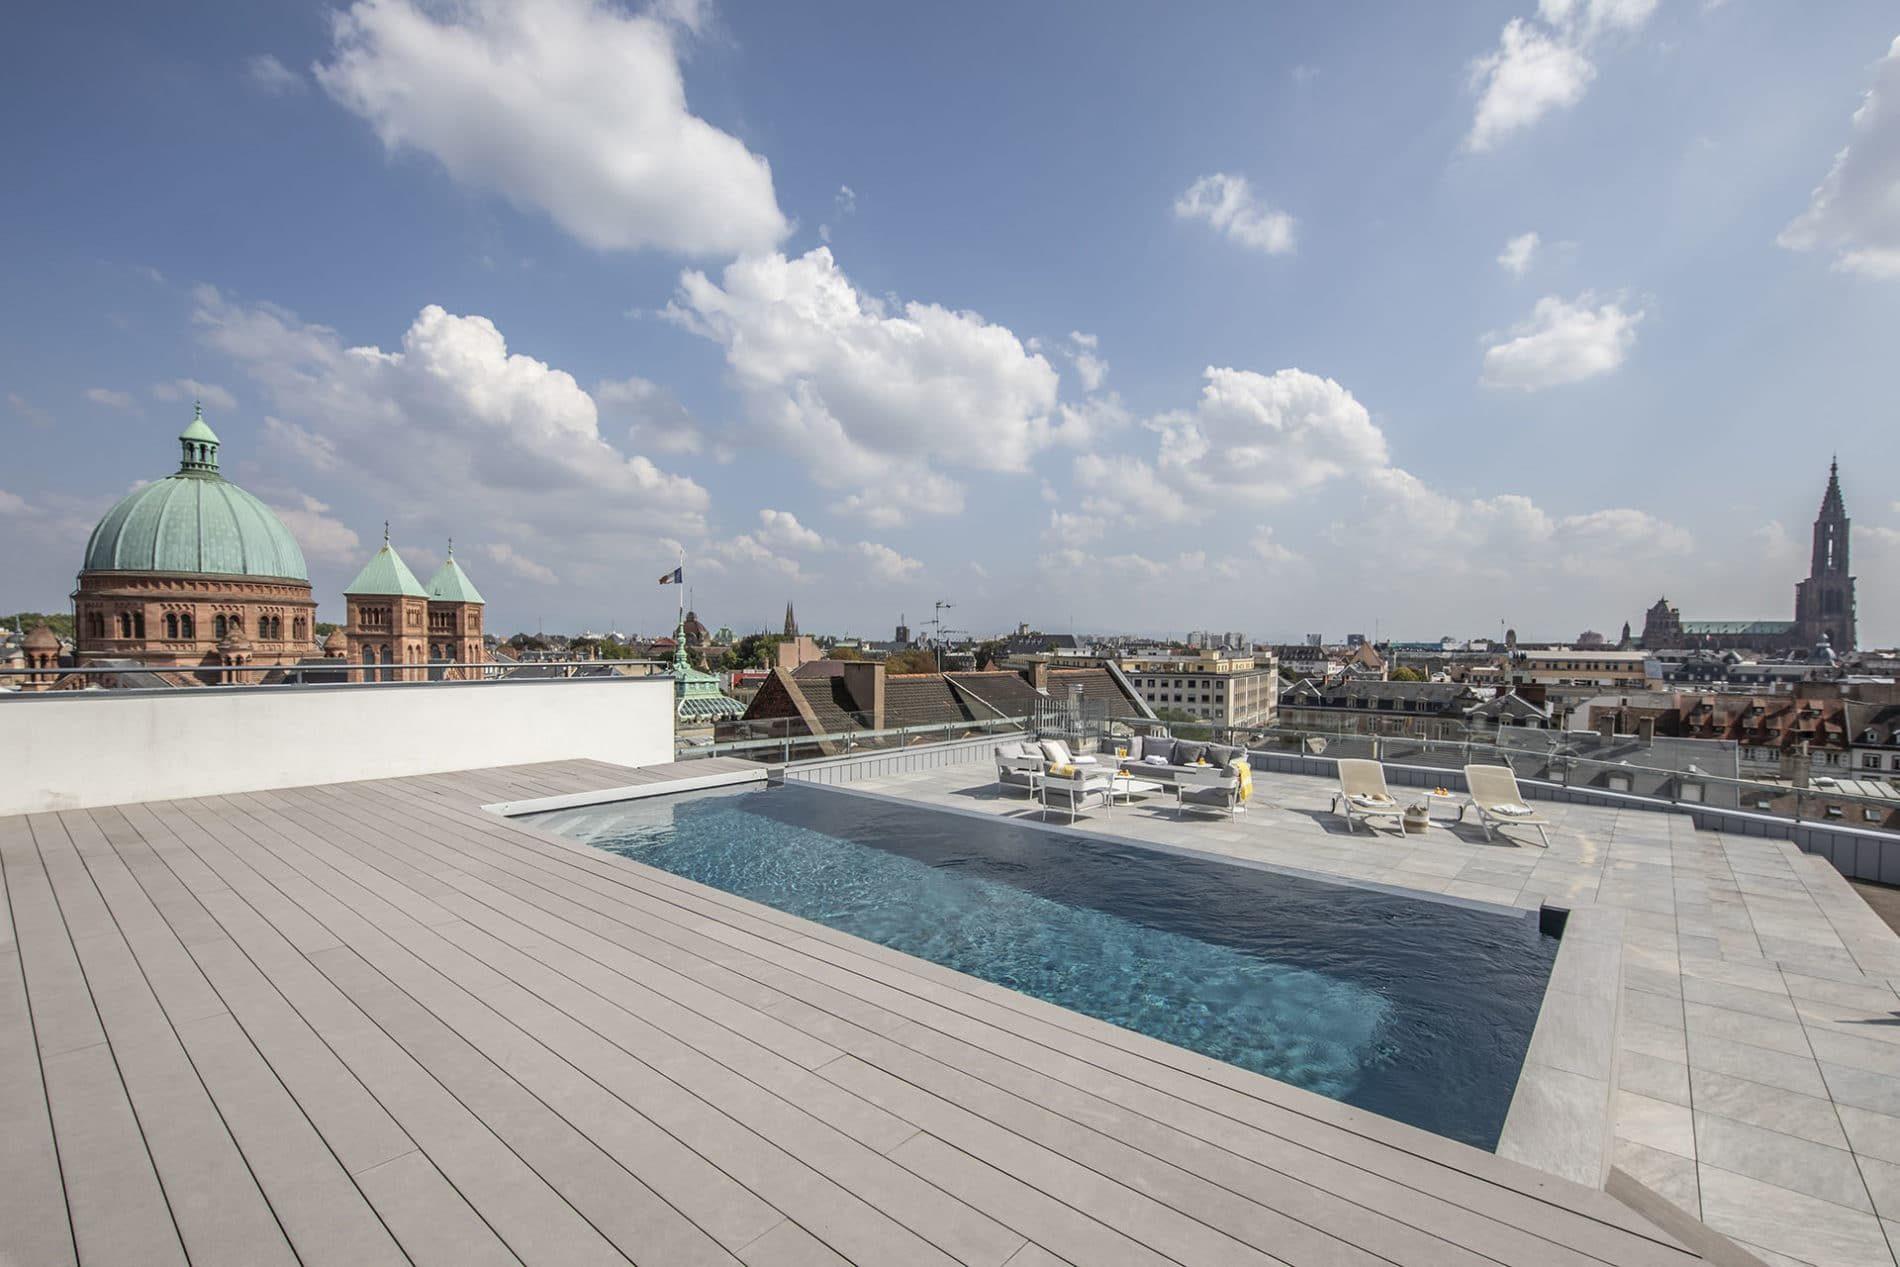 piscine sur toit-terrasse